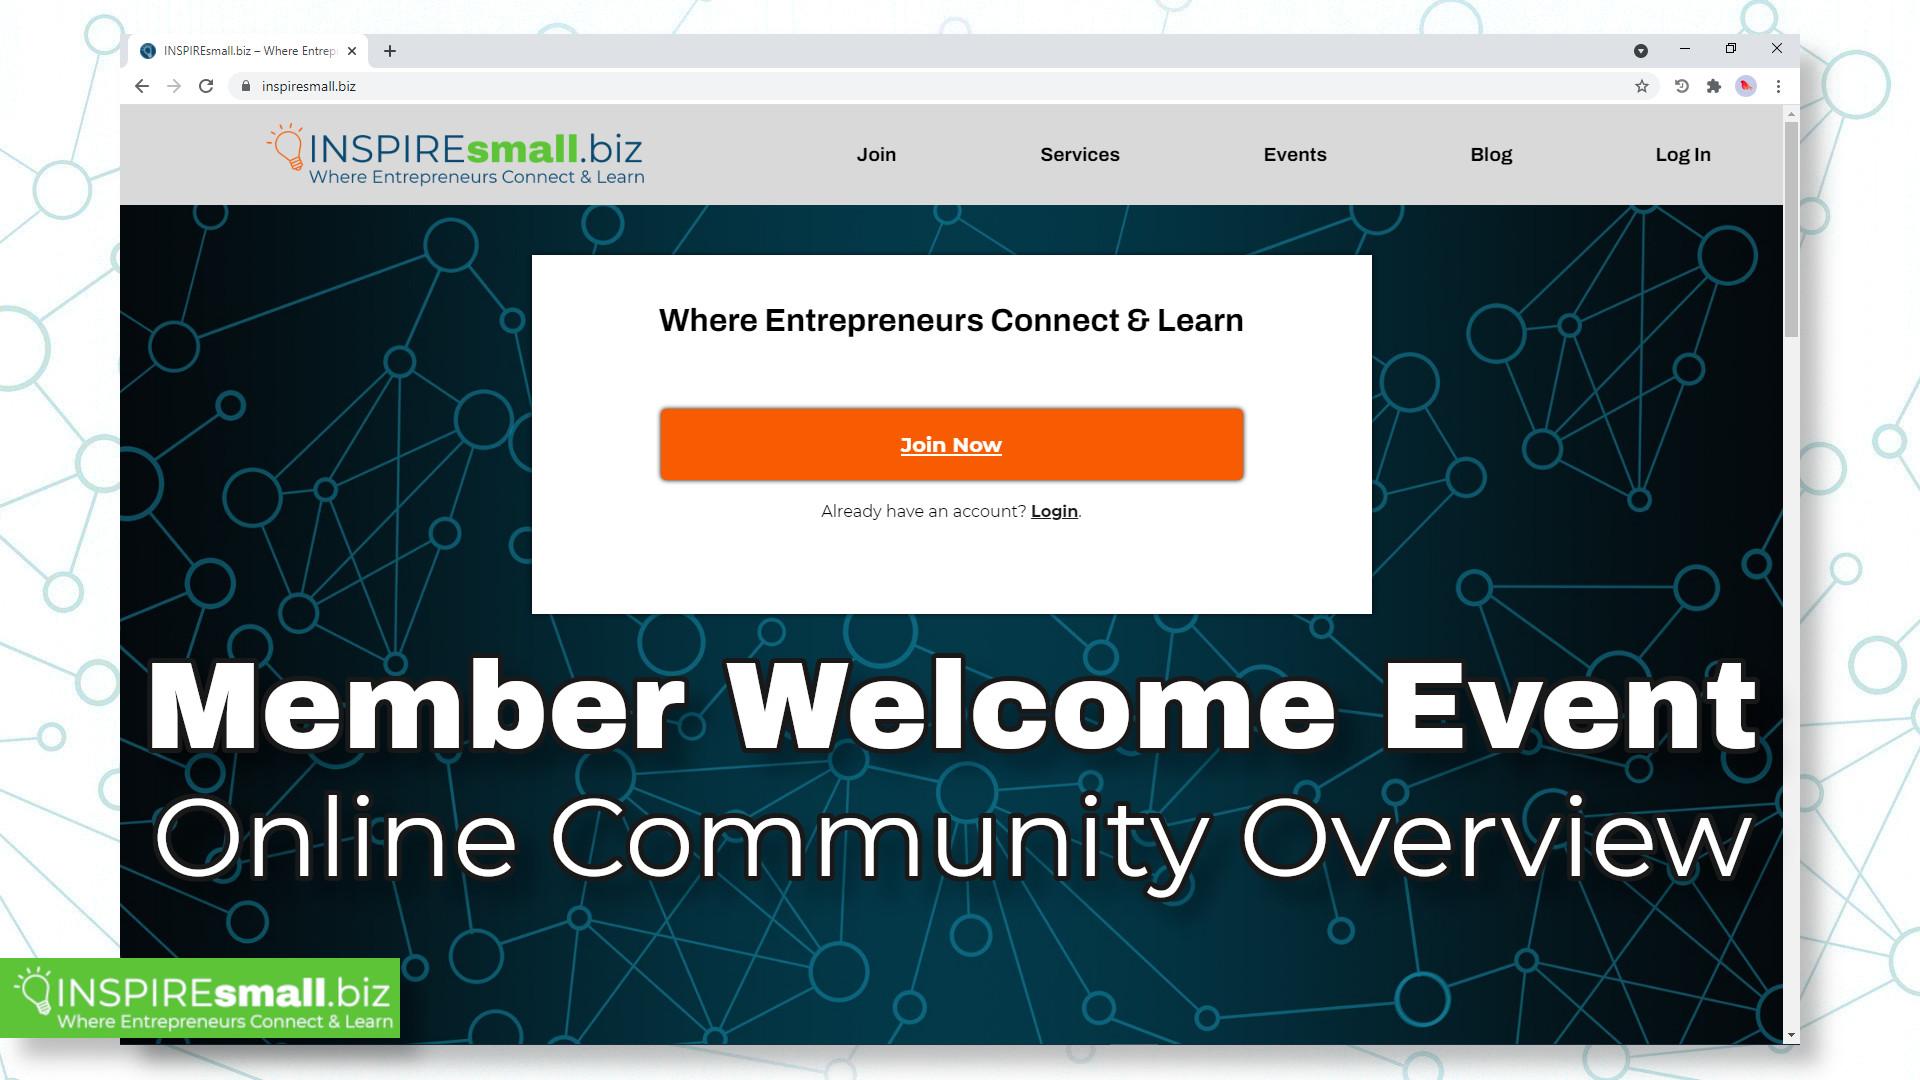 INSPIREsmall.biz Online Community Launch Event